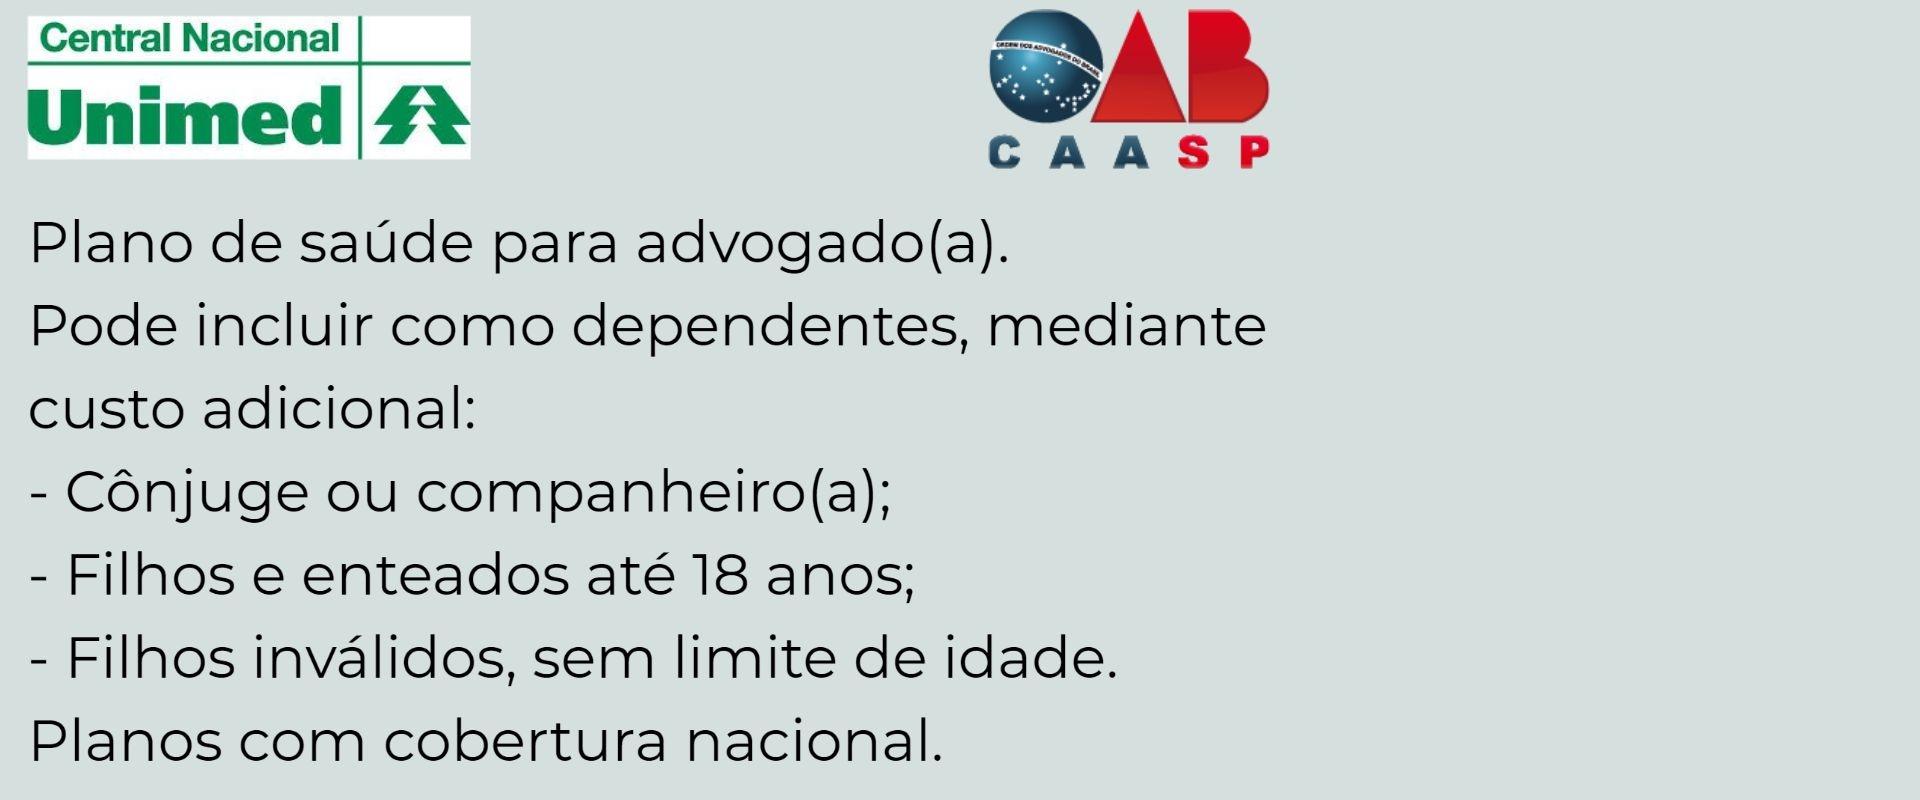 Unimed CAASP Ribeirão Preto